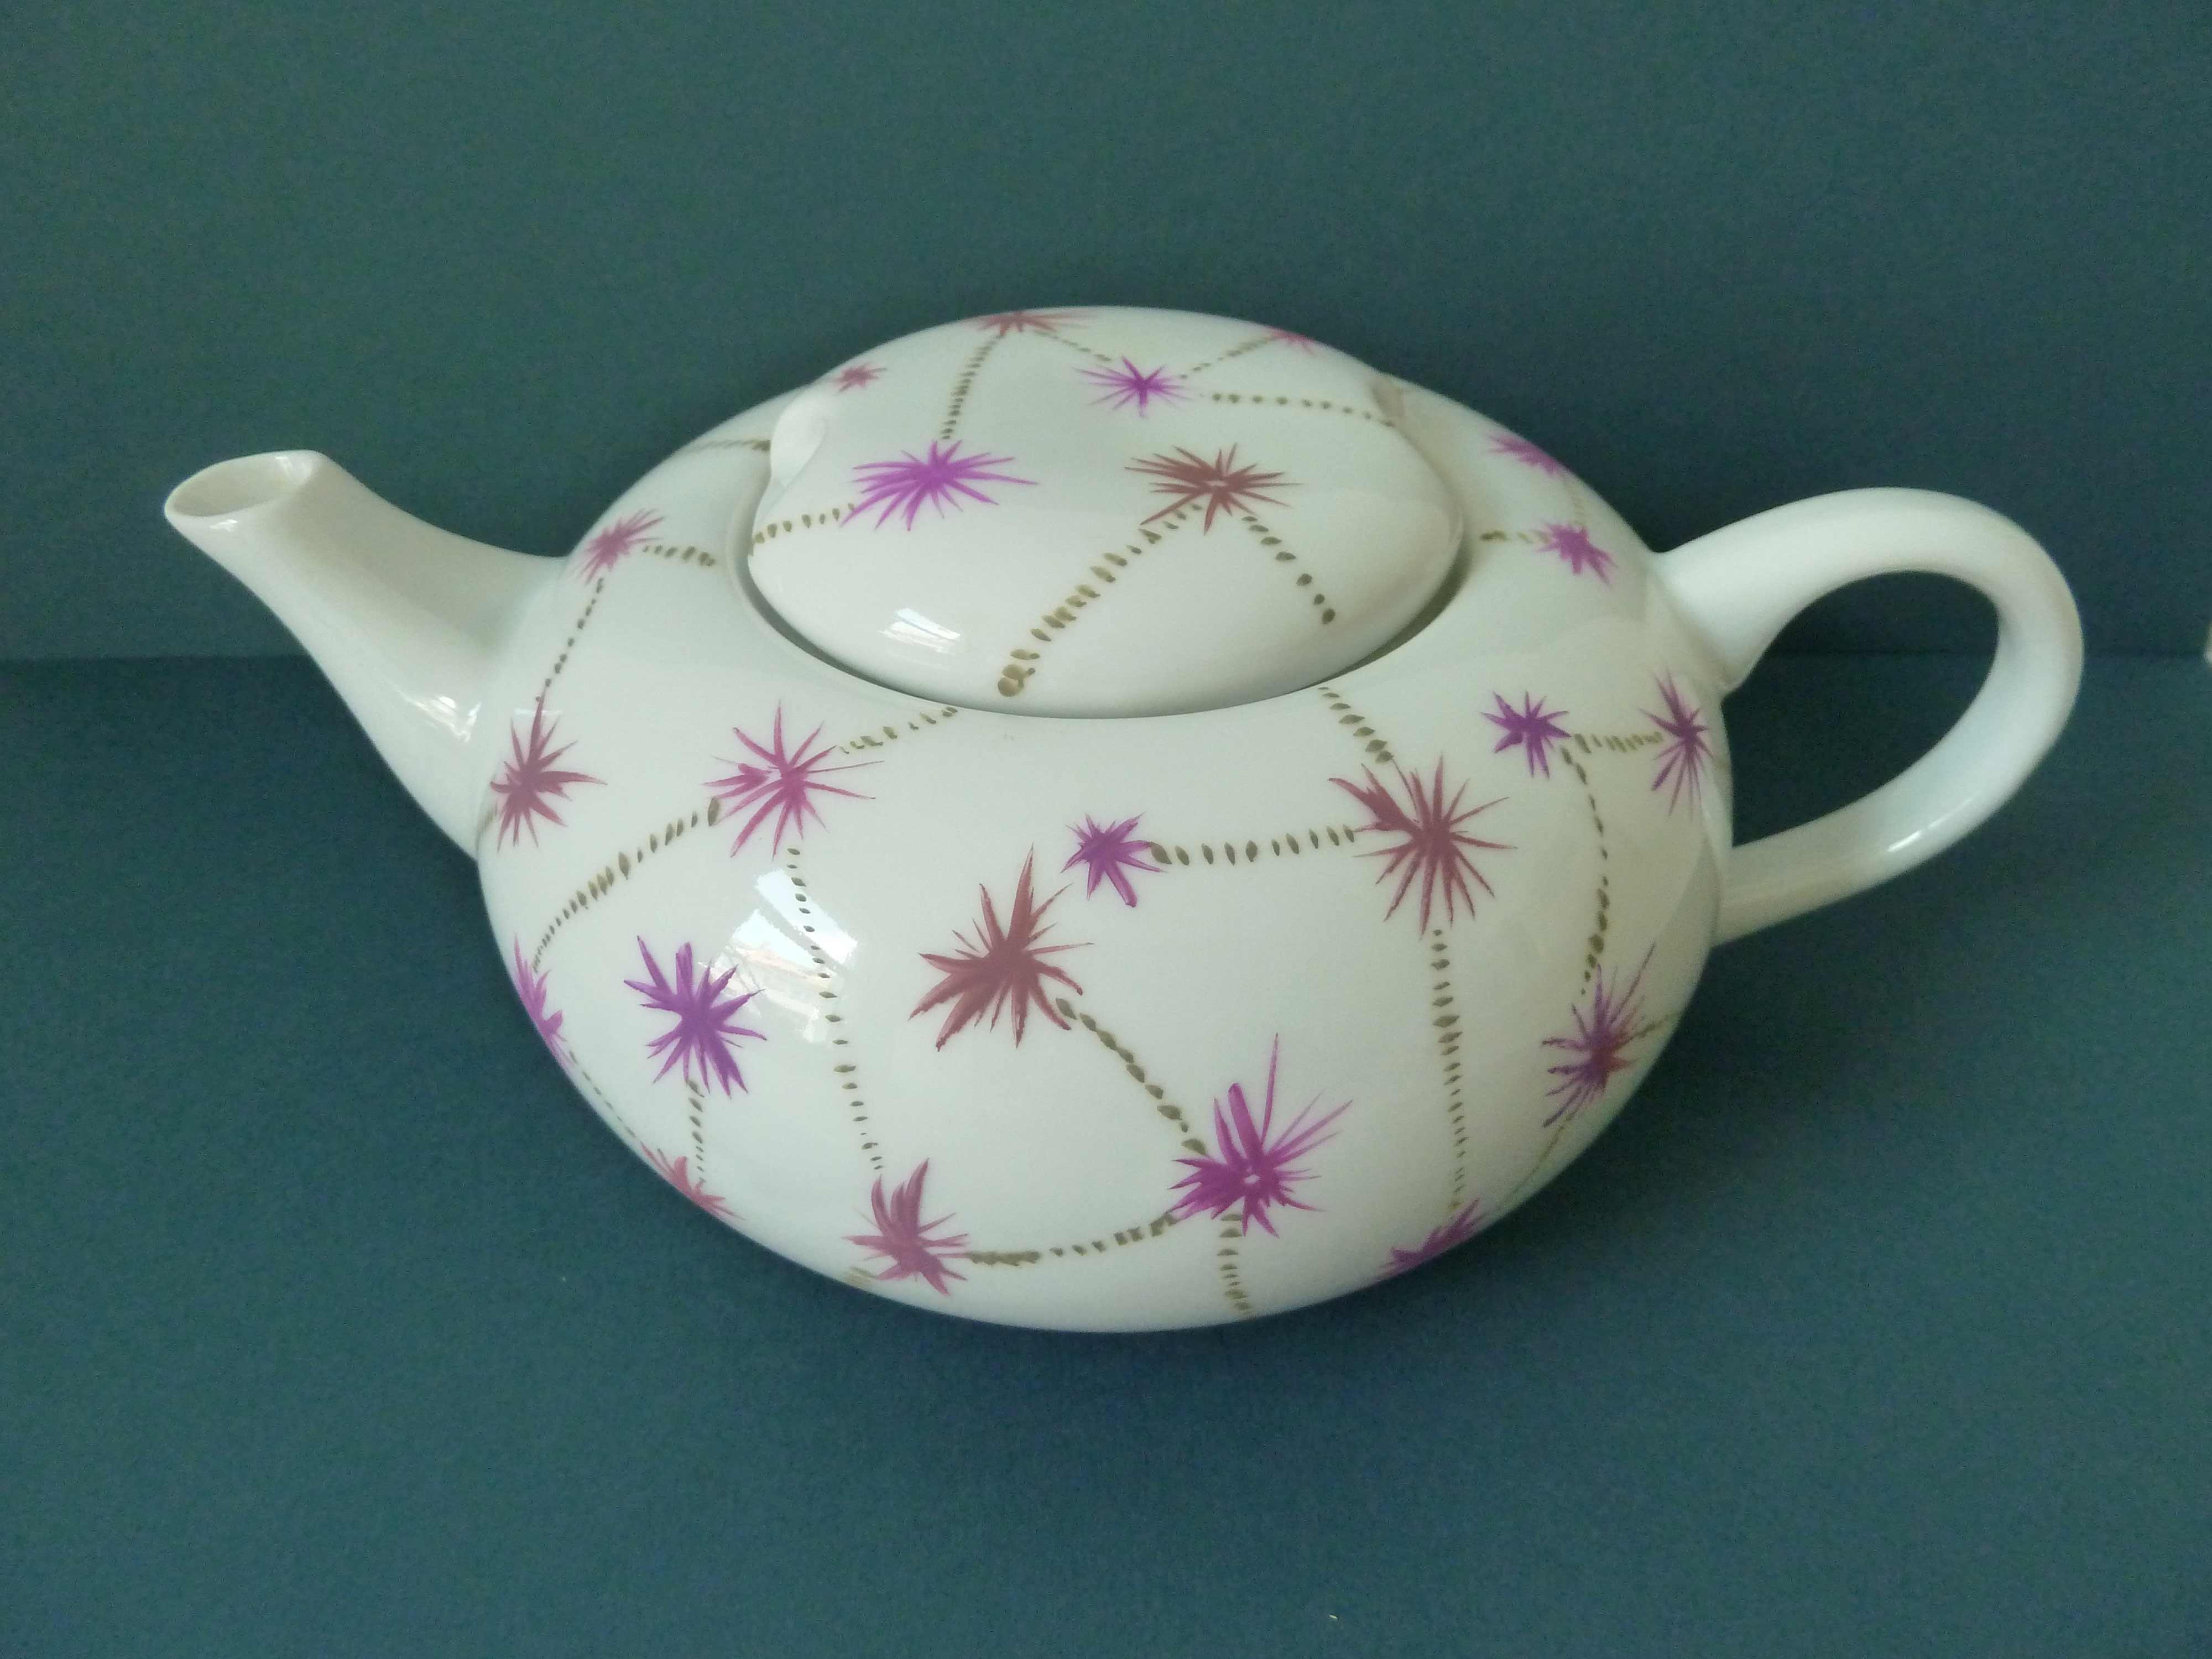 Weiße Teekanne bemalt Sternchen Punkte Violett